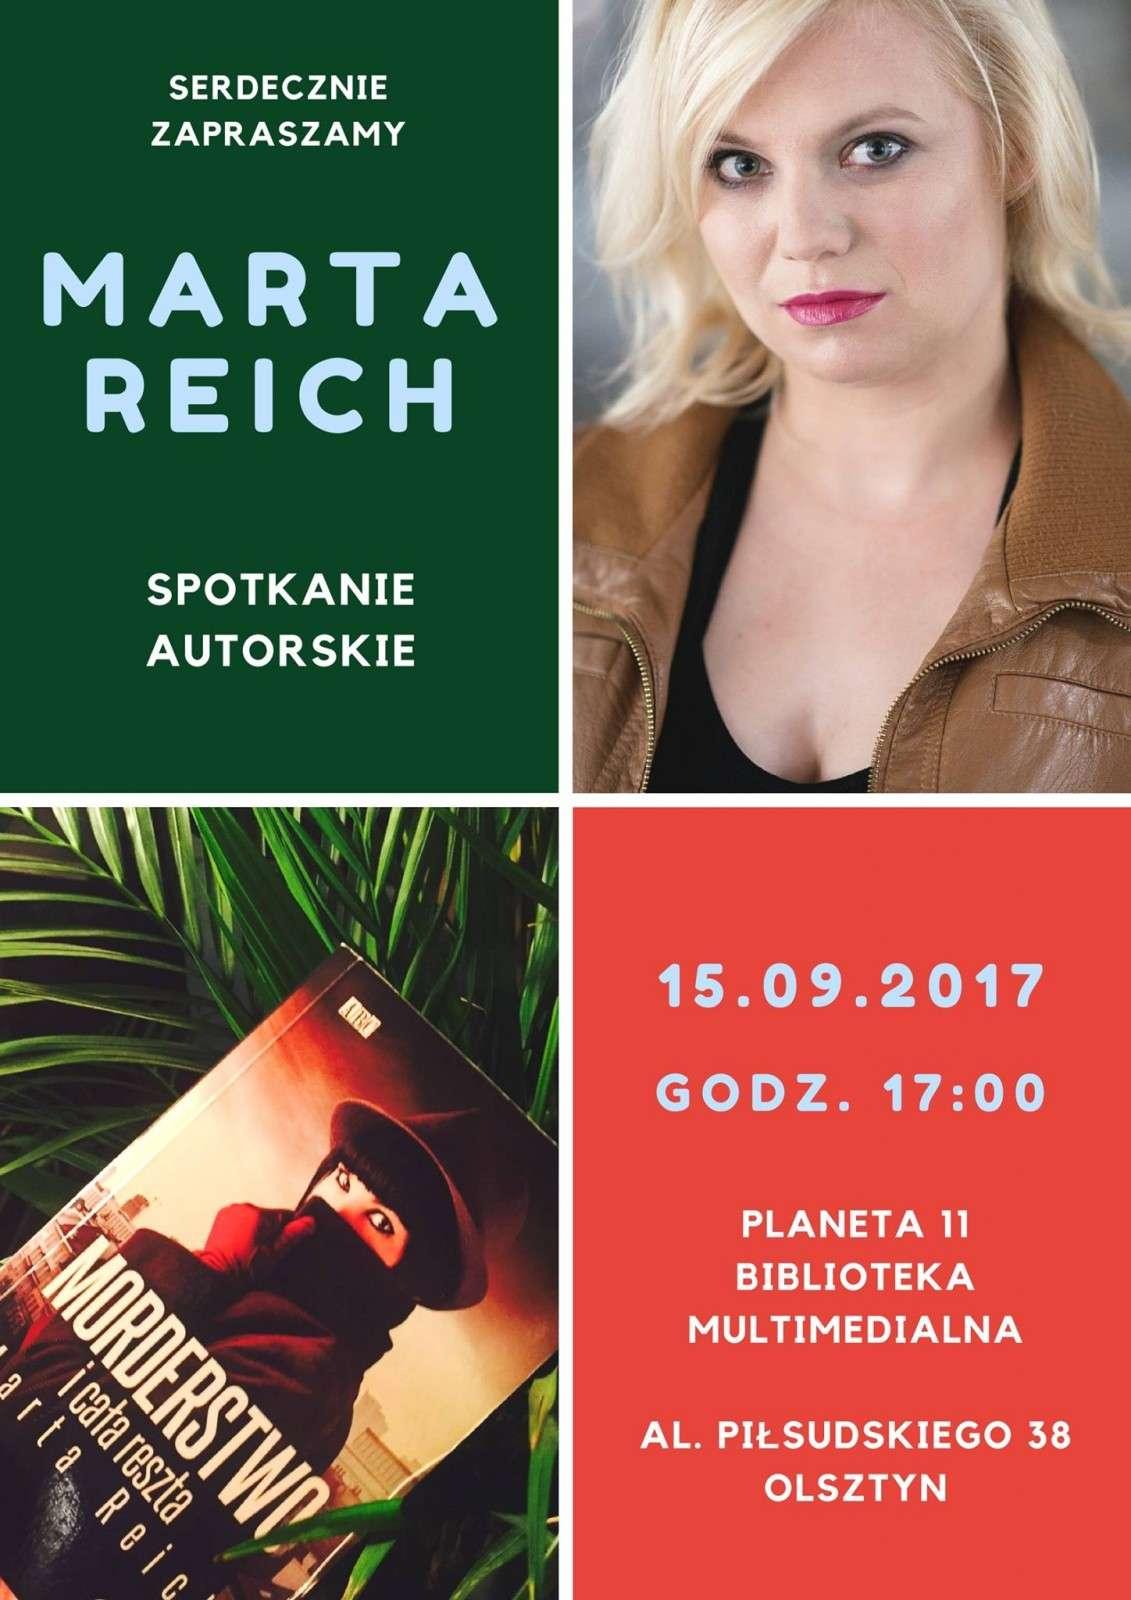 Spotkanie autorskie z Martą Reich - full image